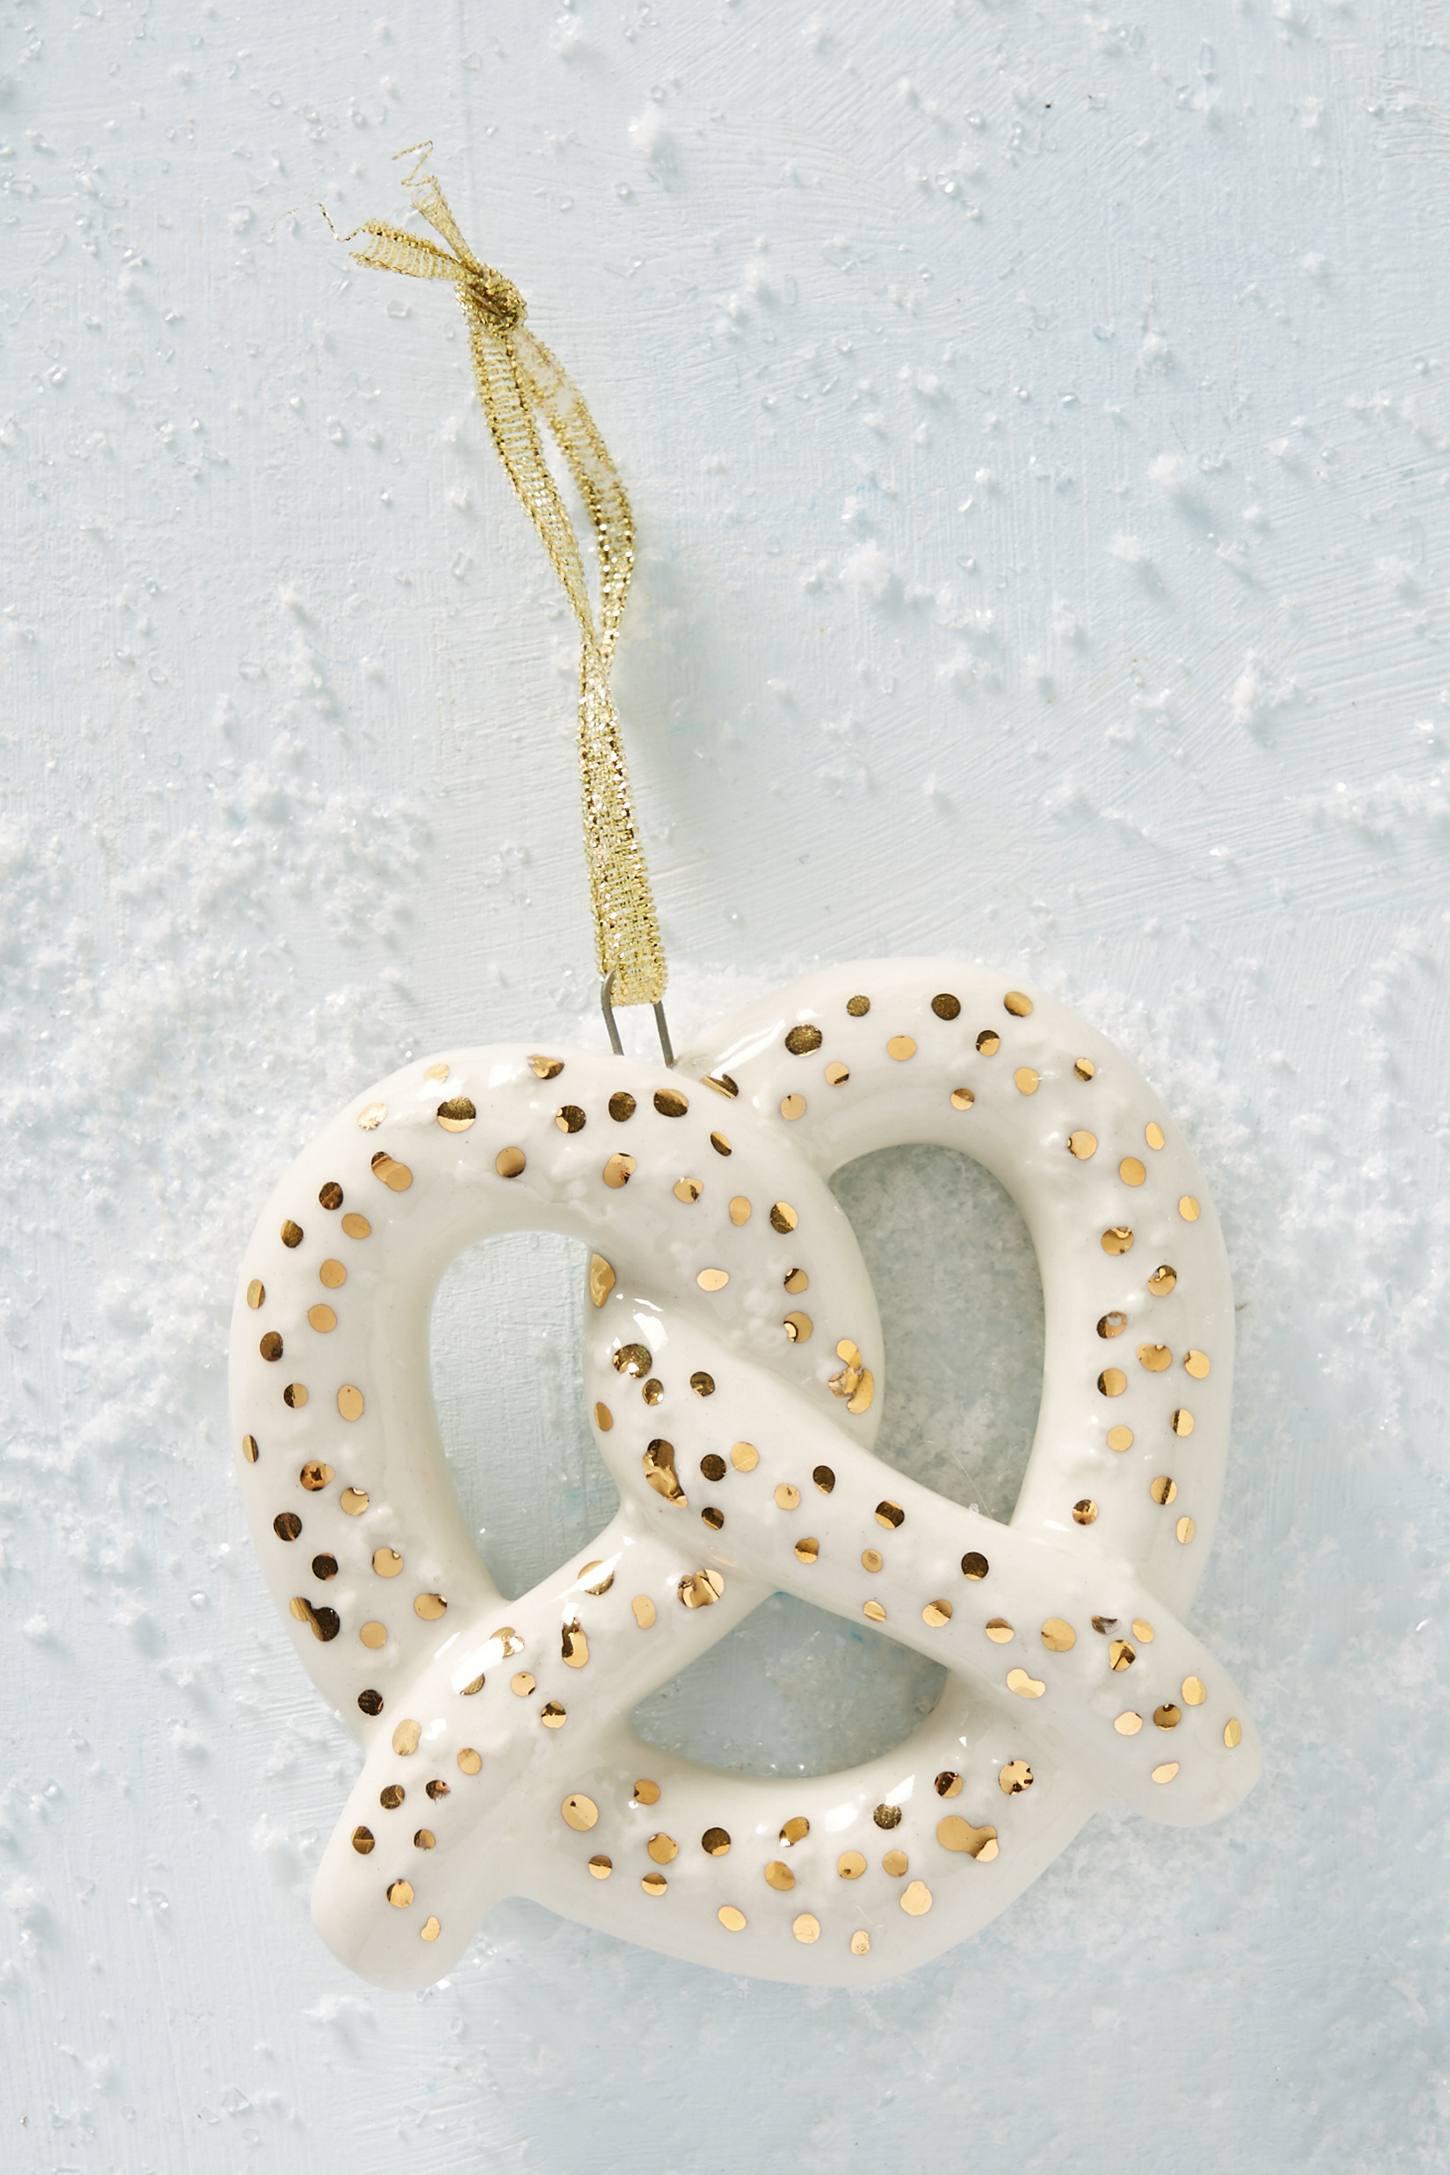 Ceramic Pretzel Ornament